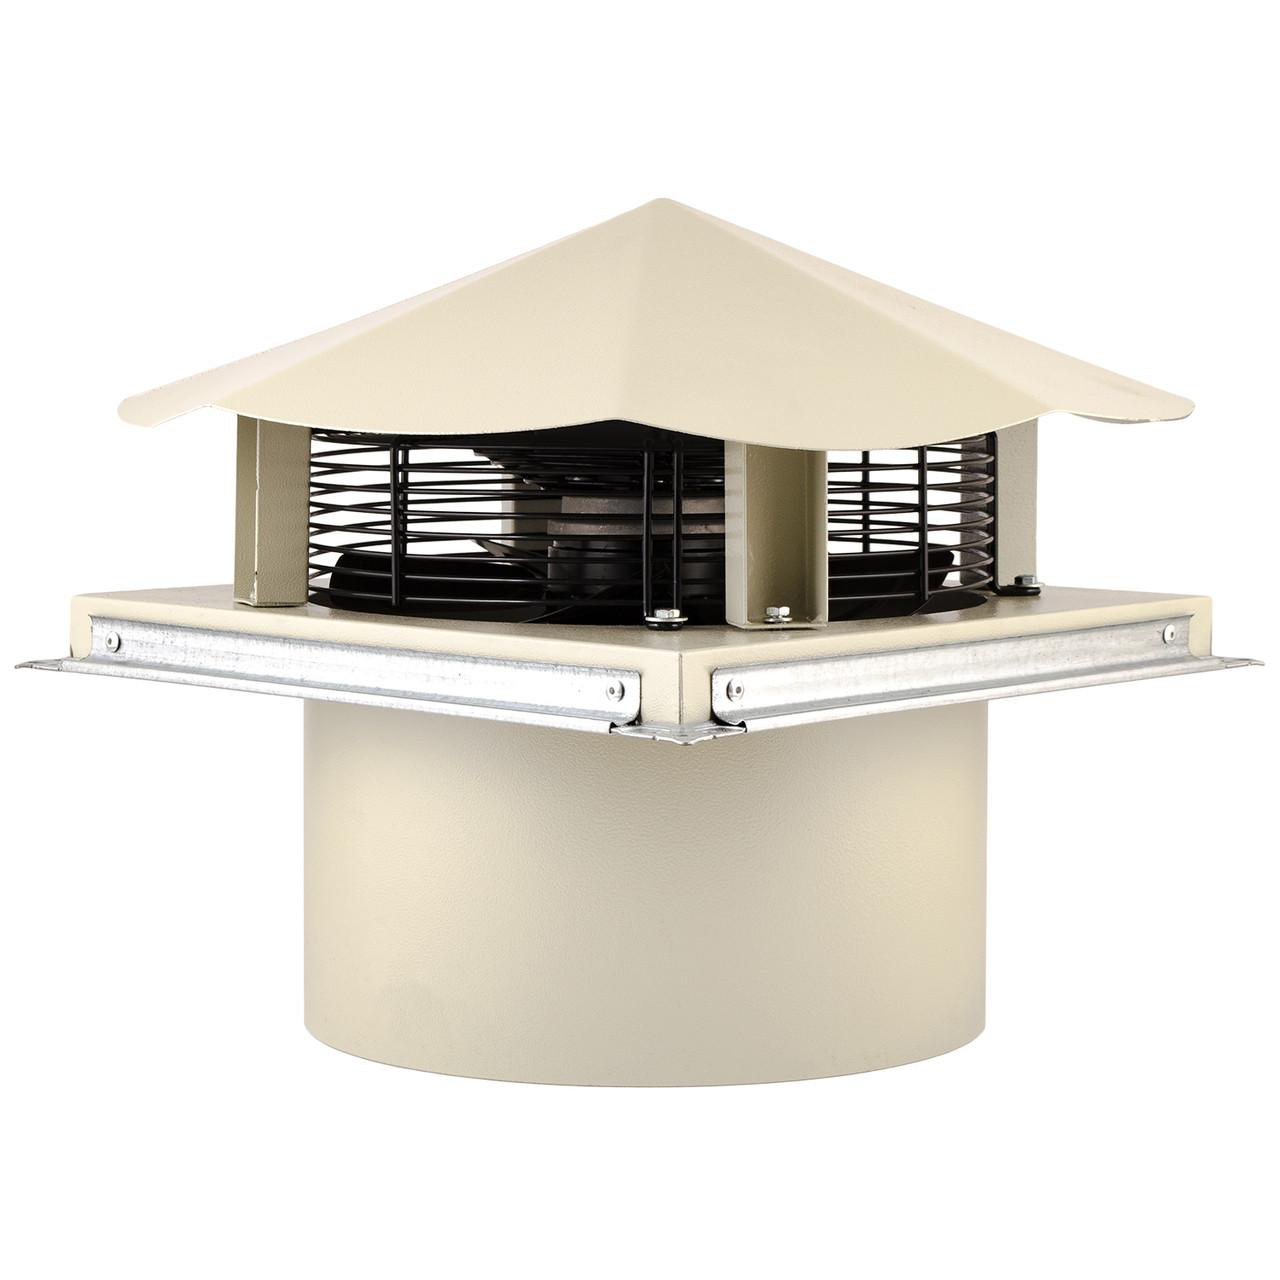 Осьовий даховий вентилятор Турбовент КВО 200